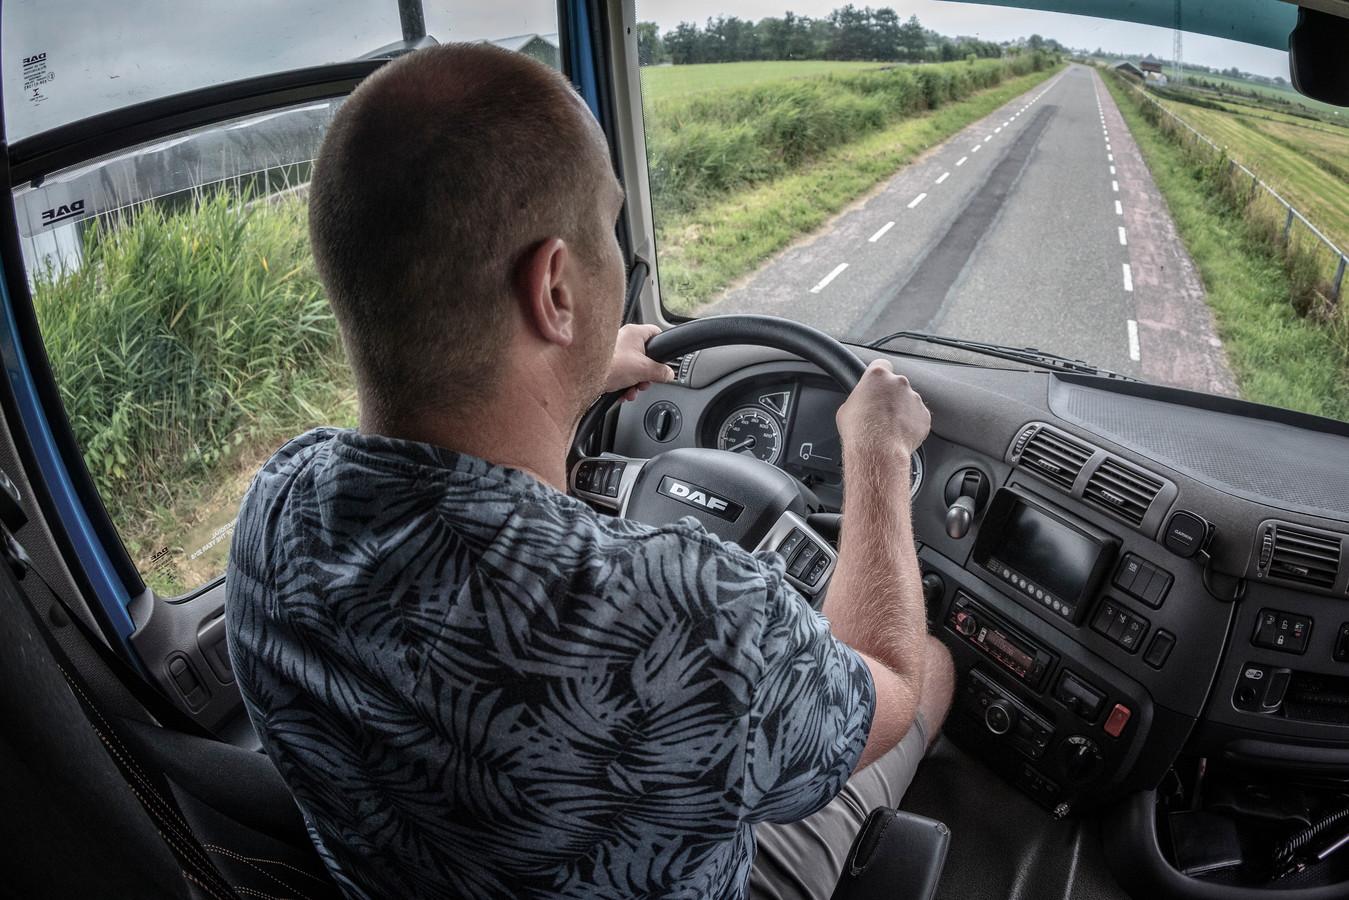 Bijna vijf jaar geleden veroorzaakte vrachtwagenchauffeur Bart een dodelijk ongeluk. Dankzij professionele hulp en steun van vrienden en familie heeft hij dat een plek kunnen geven.